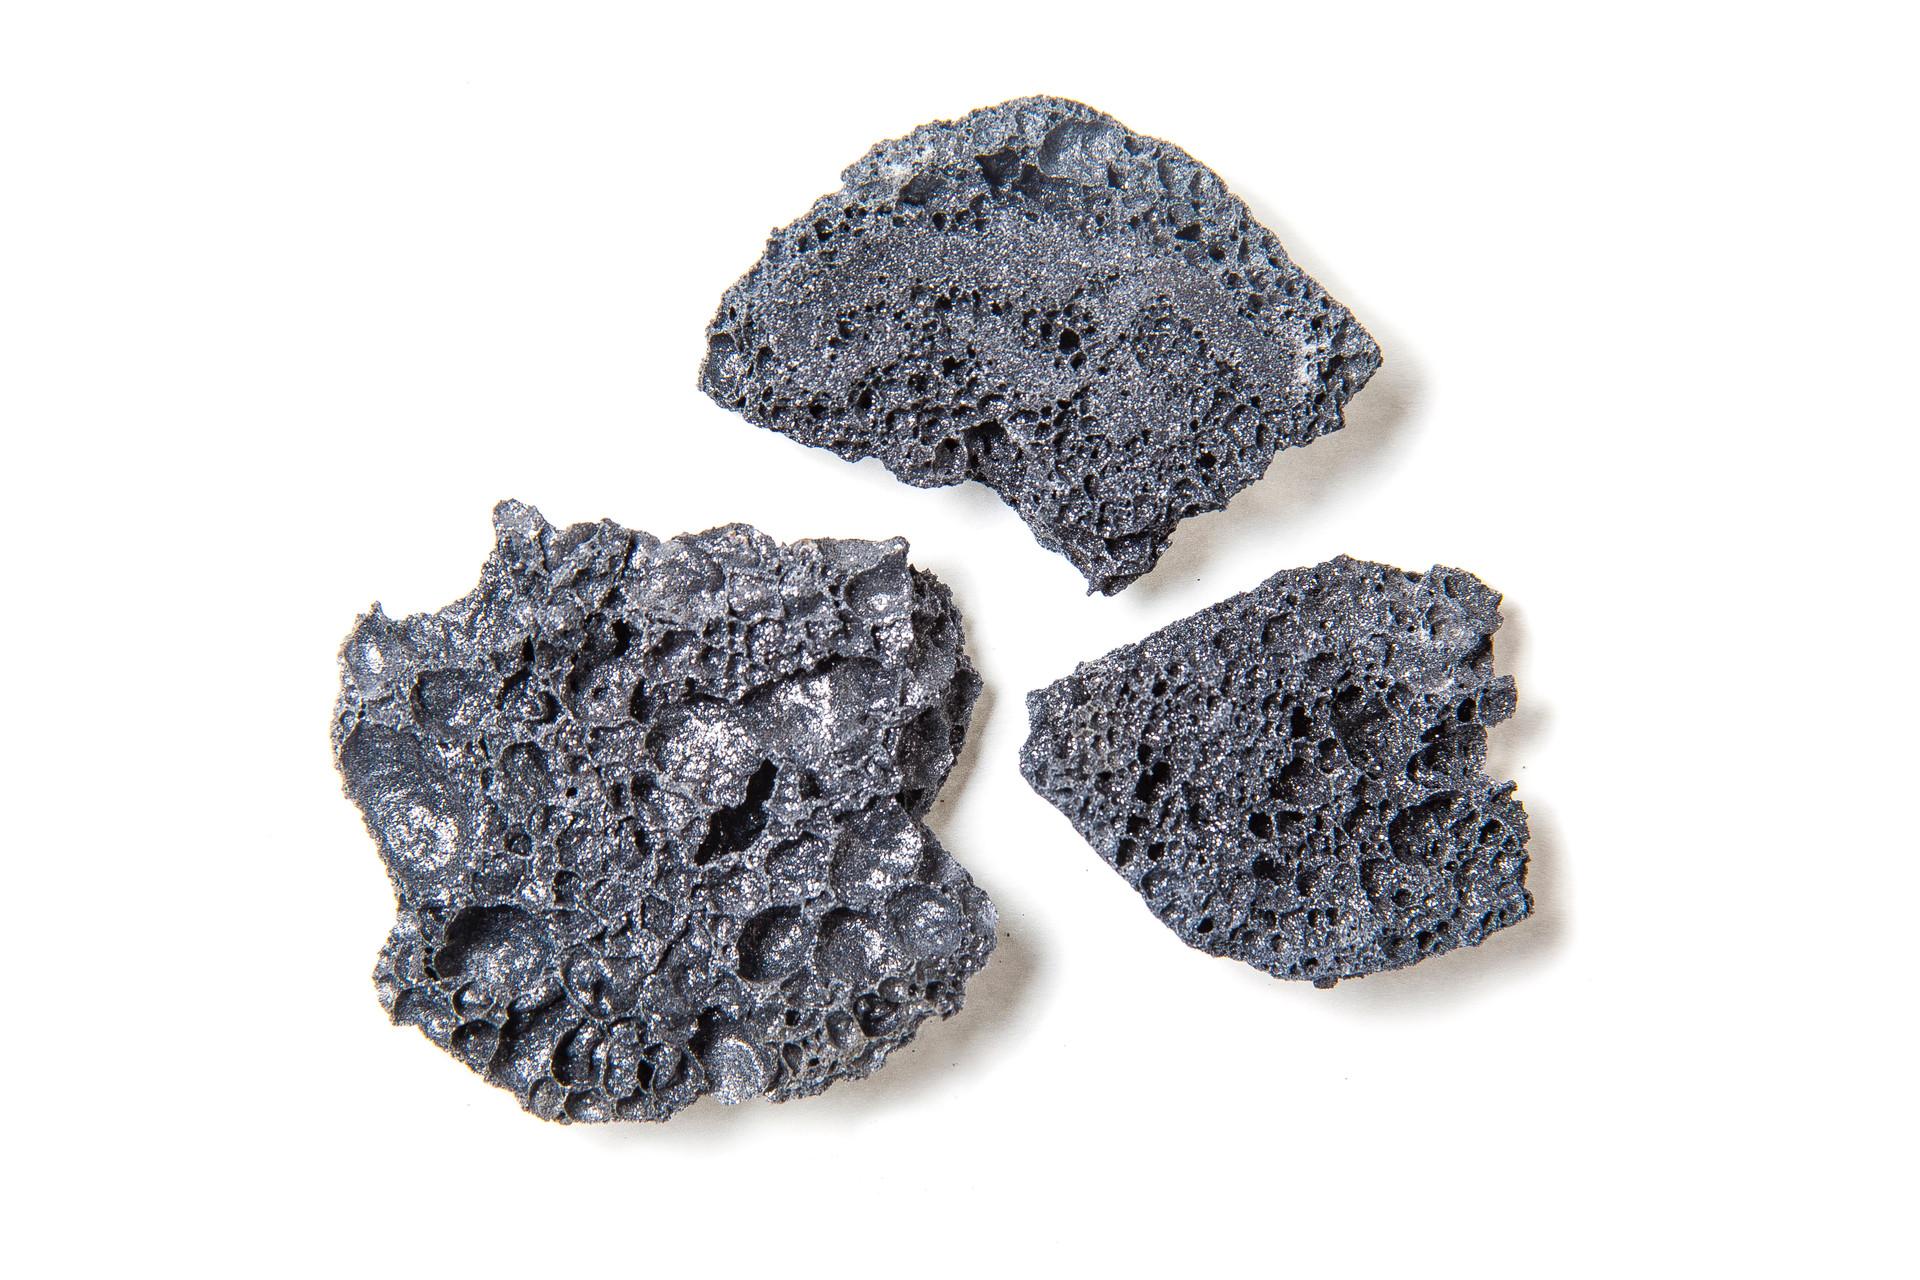 Carborondum Material Samples